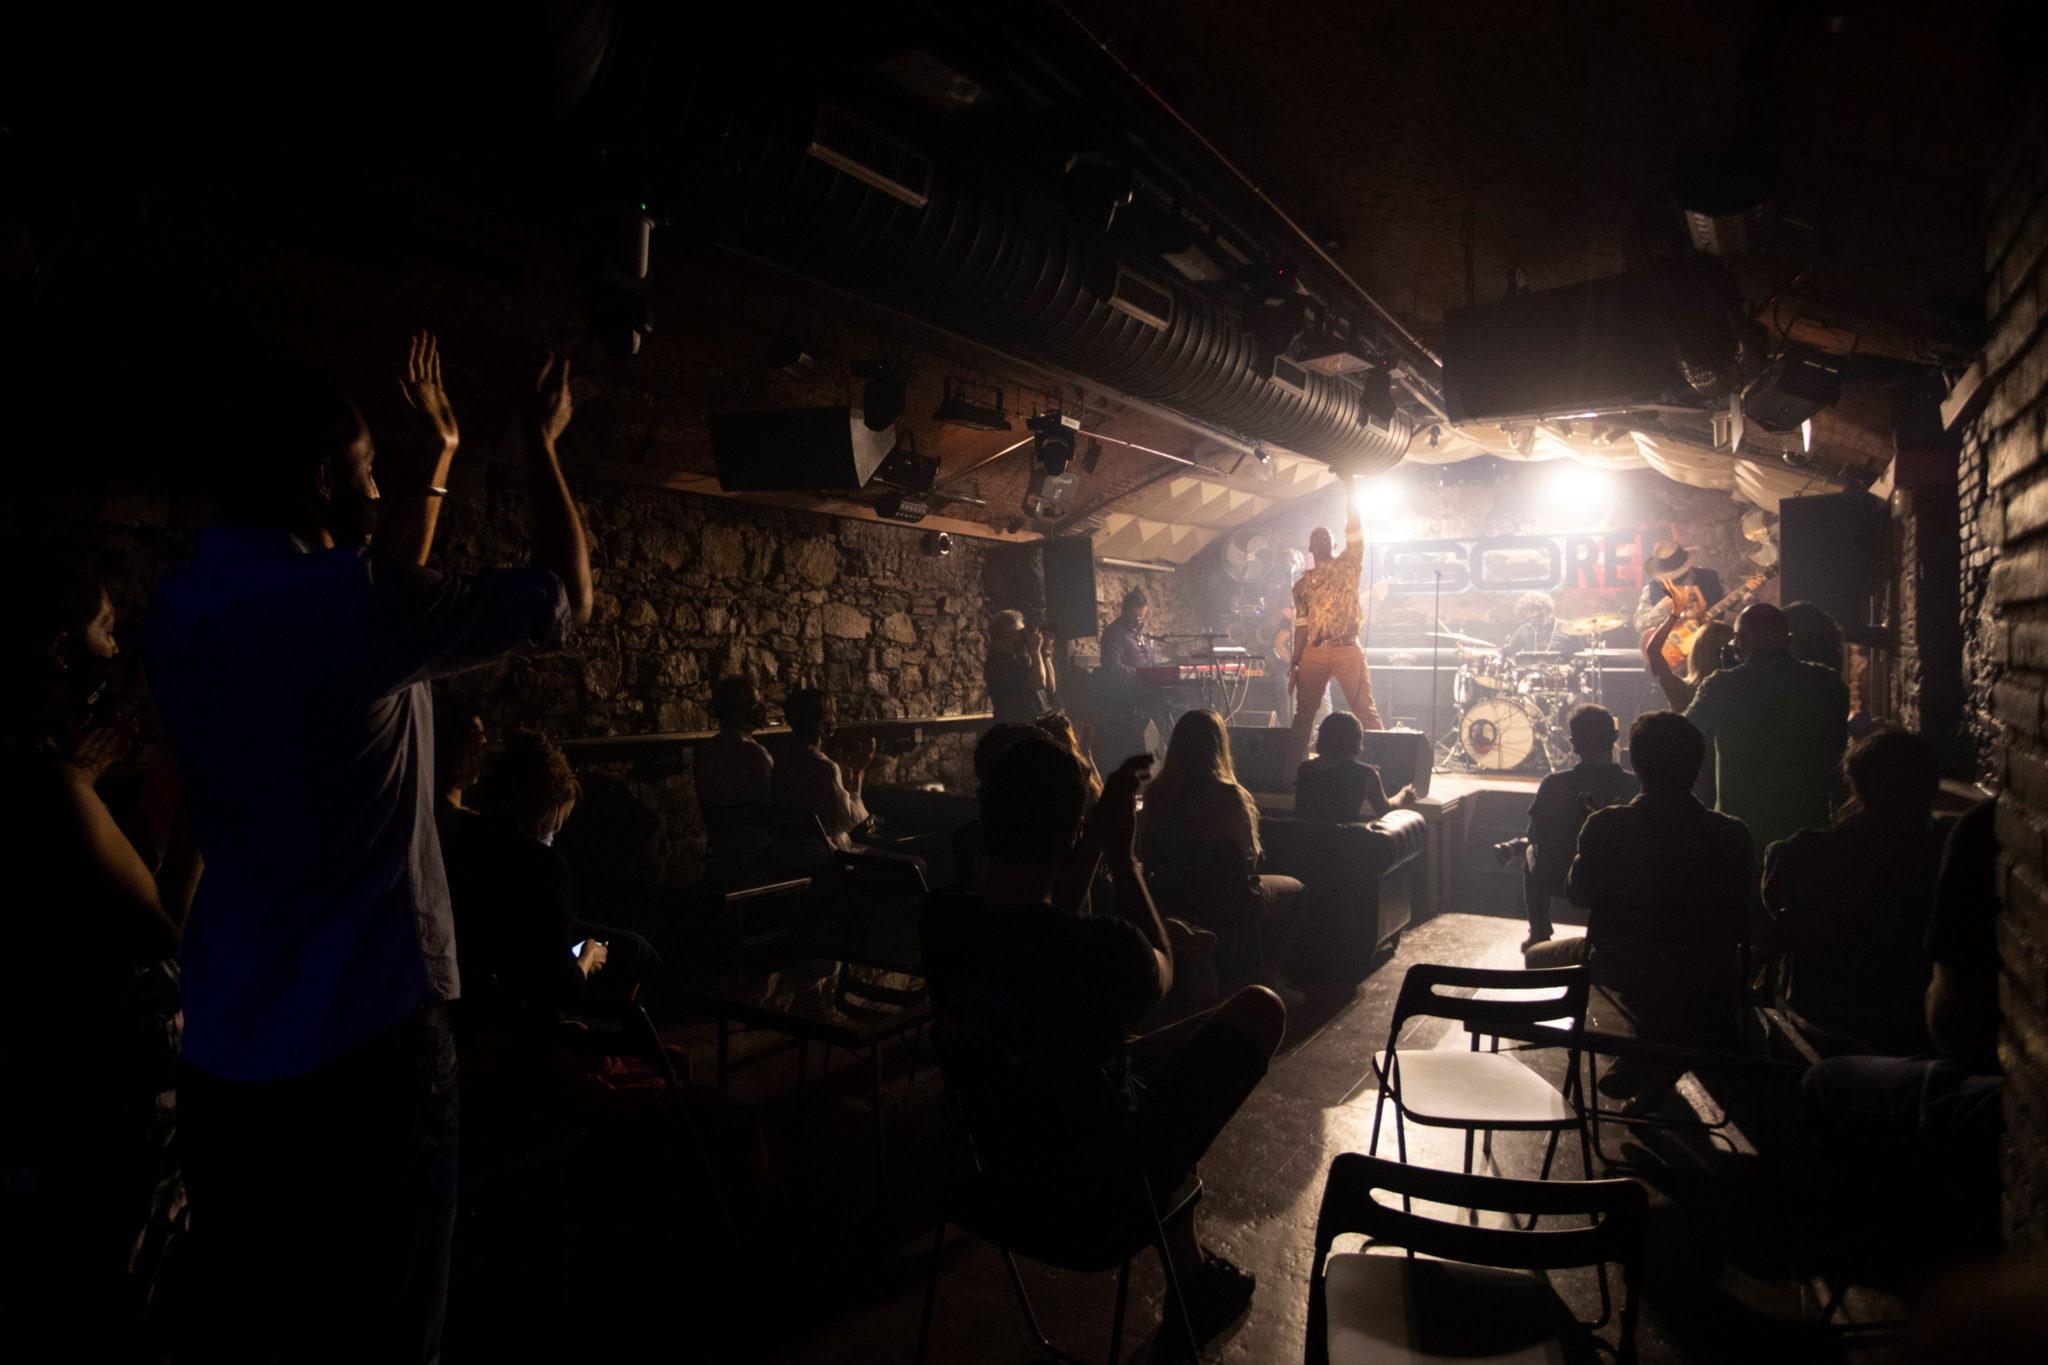 Sala muzyczna została ponownie otwarta, widownia może liczyć max 30 osób. fot. fot. EPA/Marta Perez